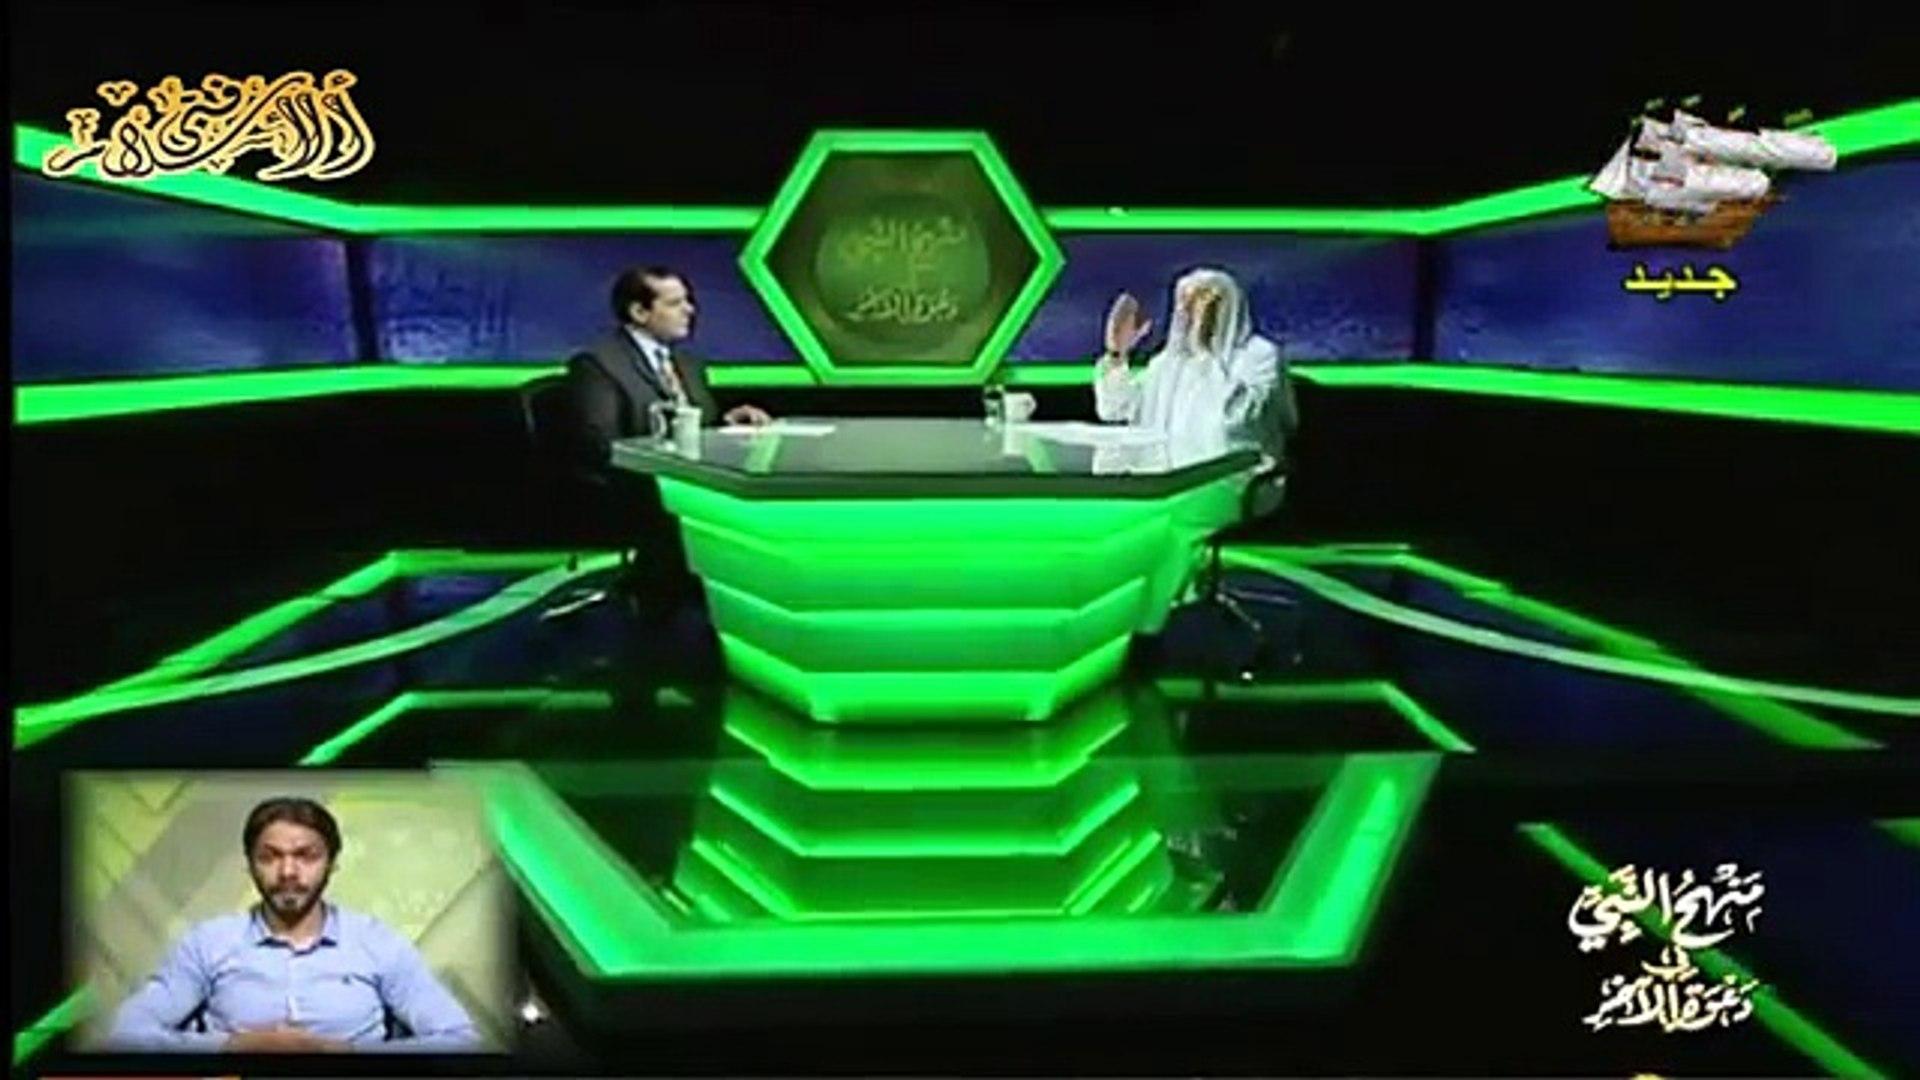 الاسلام اسلامية منهج النبى فى دعوة الاخر بلغة الاشارة الحلقة 9